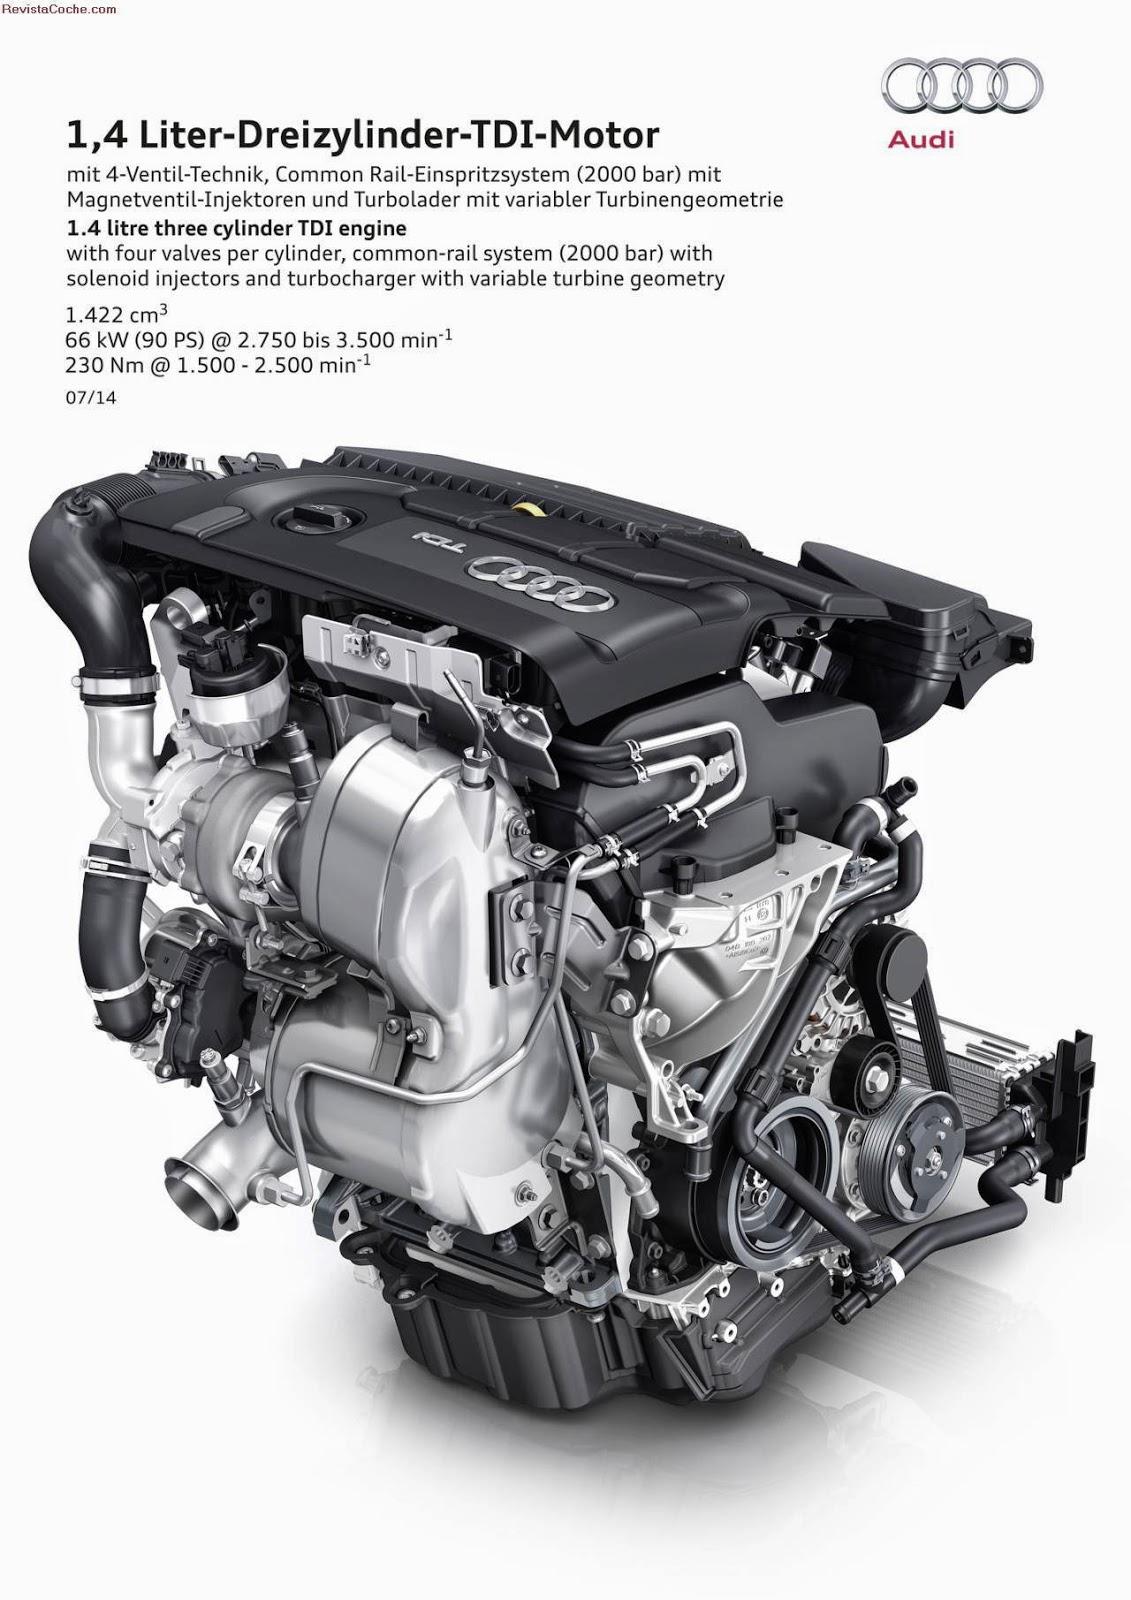 Revista Coche: Detalles del nuevo motor diesel de tres cilindros de Audi